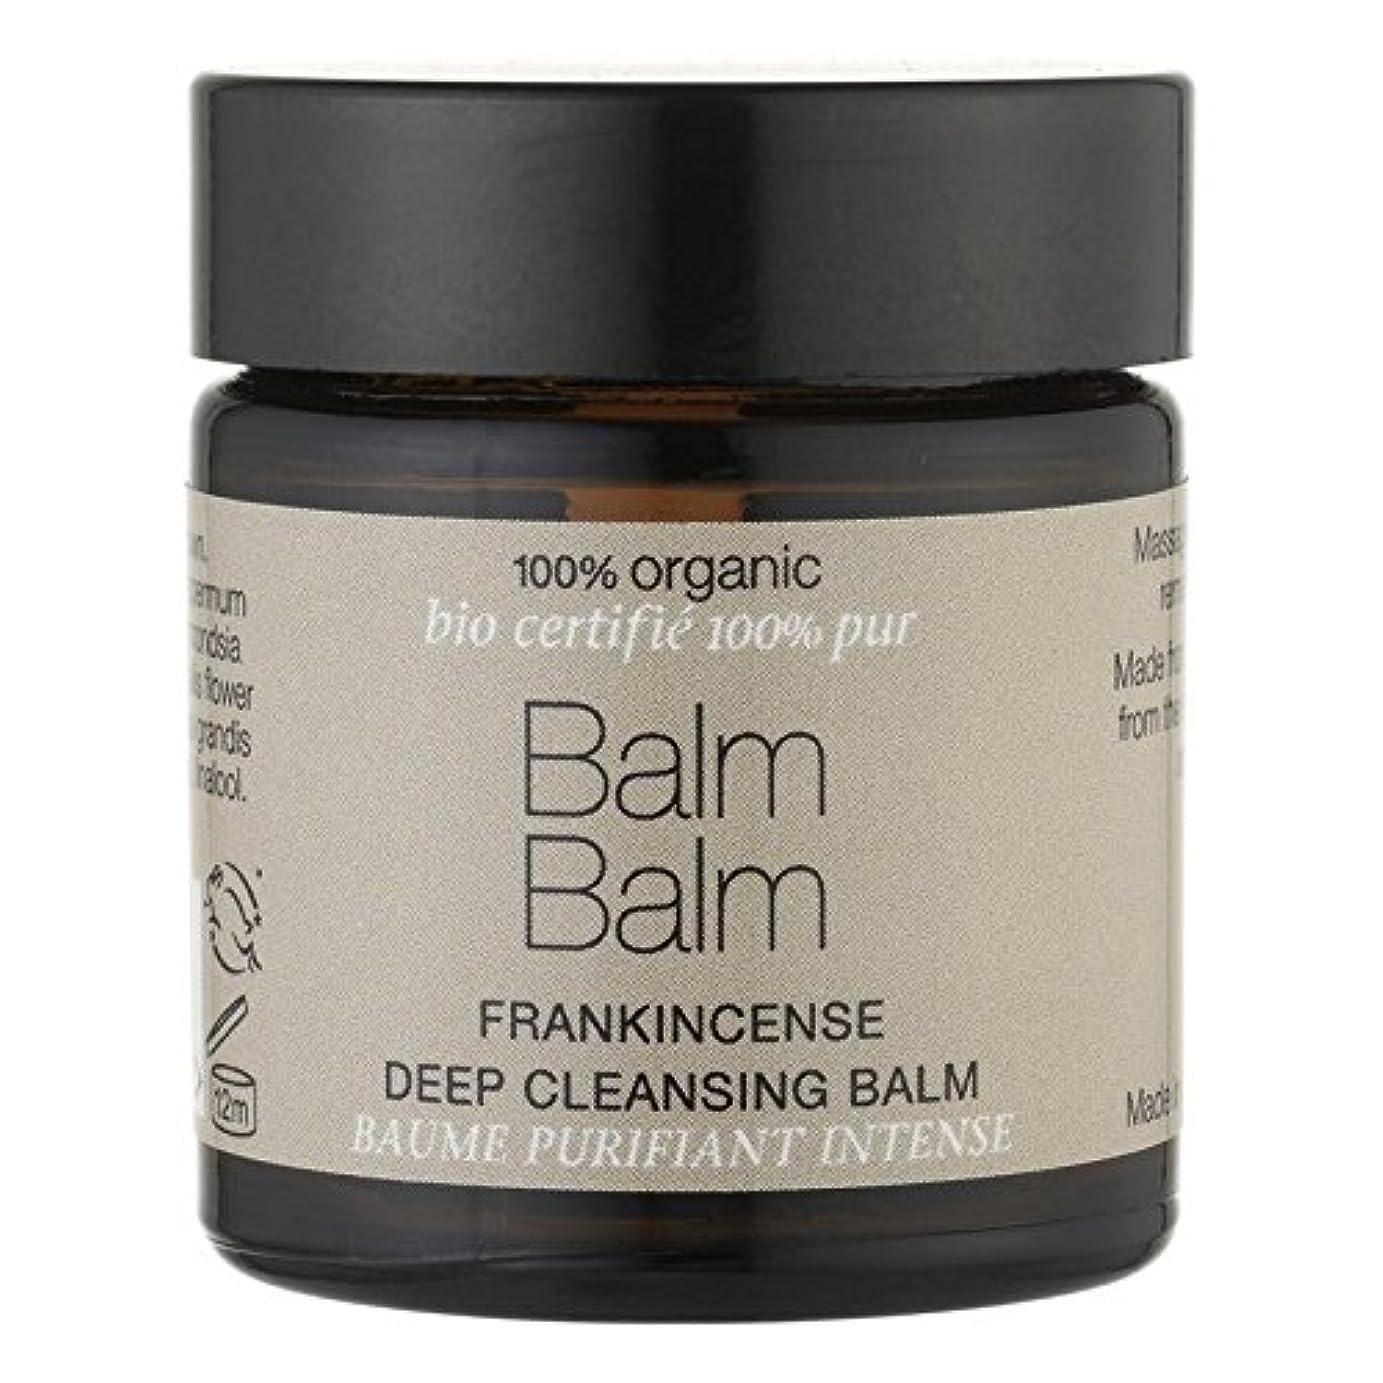 しがみつく志すライオネルグリーンストリートバームバーム乳香有機ディープクレンジングクリーム60ミリリットル x4 - Balm Balm Frankincense Organic Deep Cleansing Balm 60ml (Pack of 4) [並行輸入品]